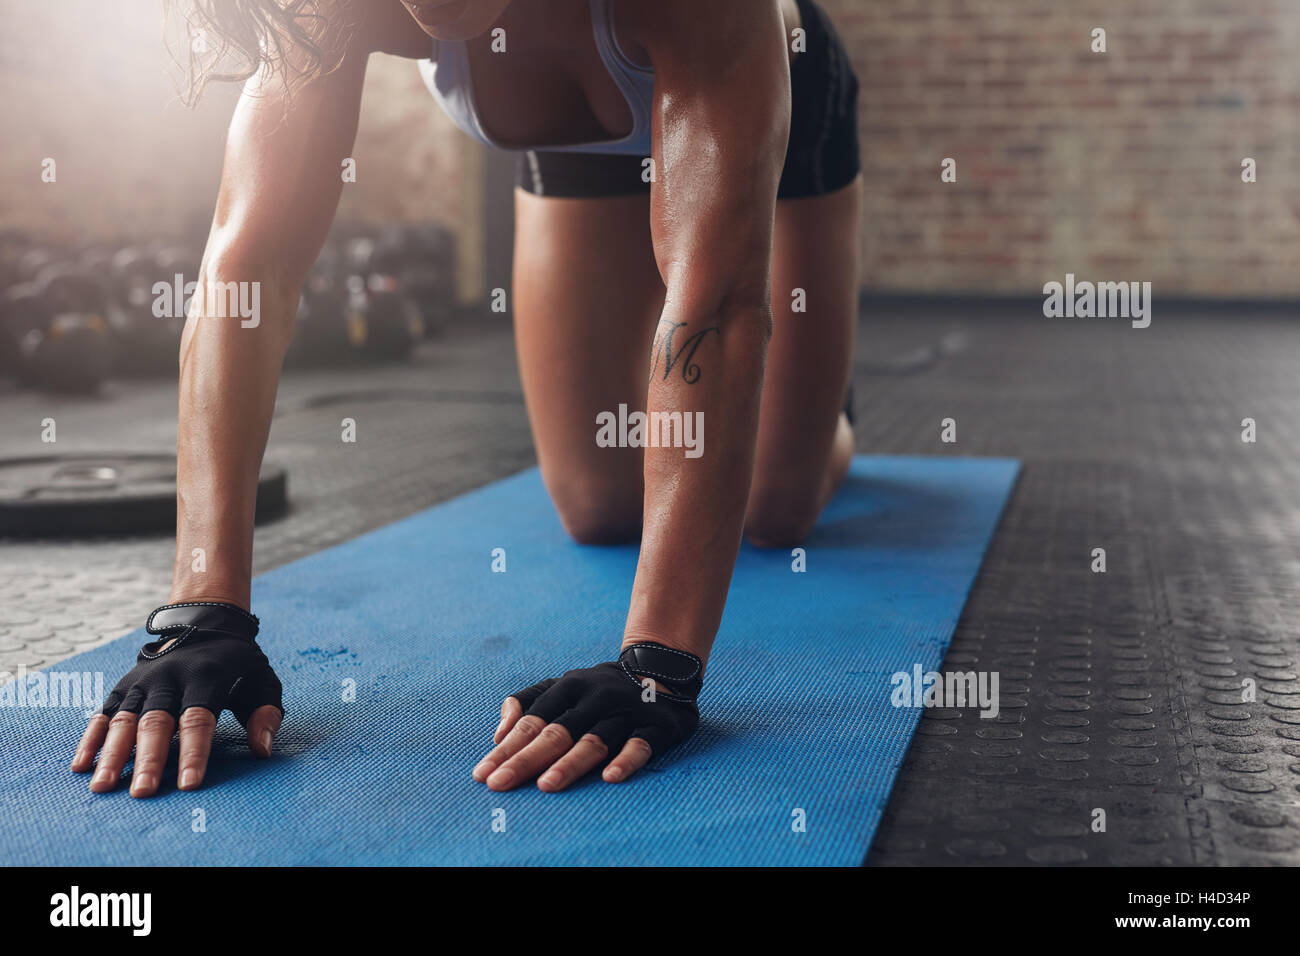 Sur les tapis d'exercice doing stretching entraînement. Se concentrer sur les mains d'une femme sur Photo Stock